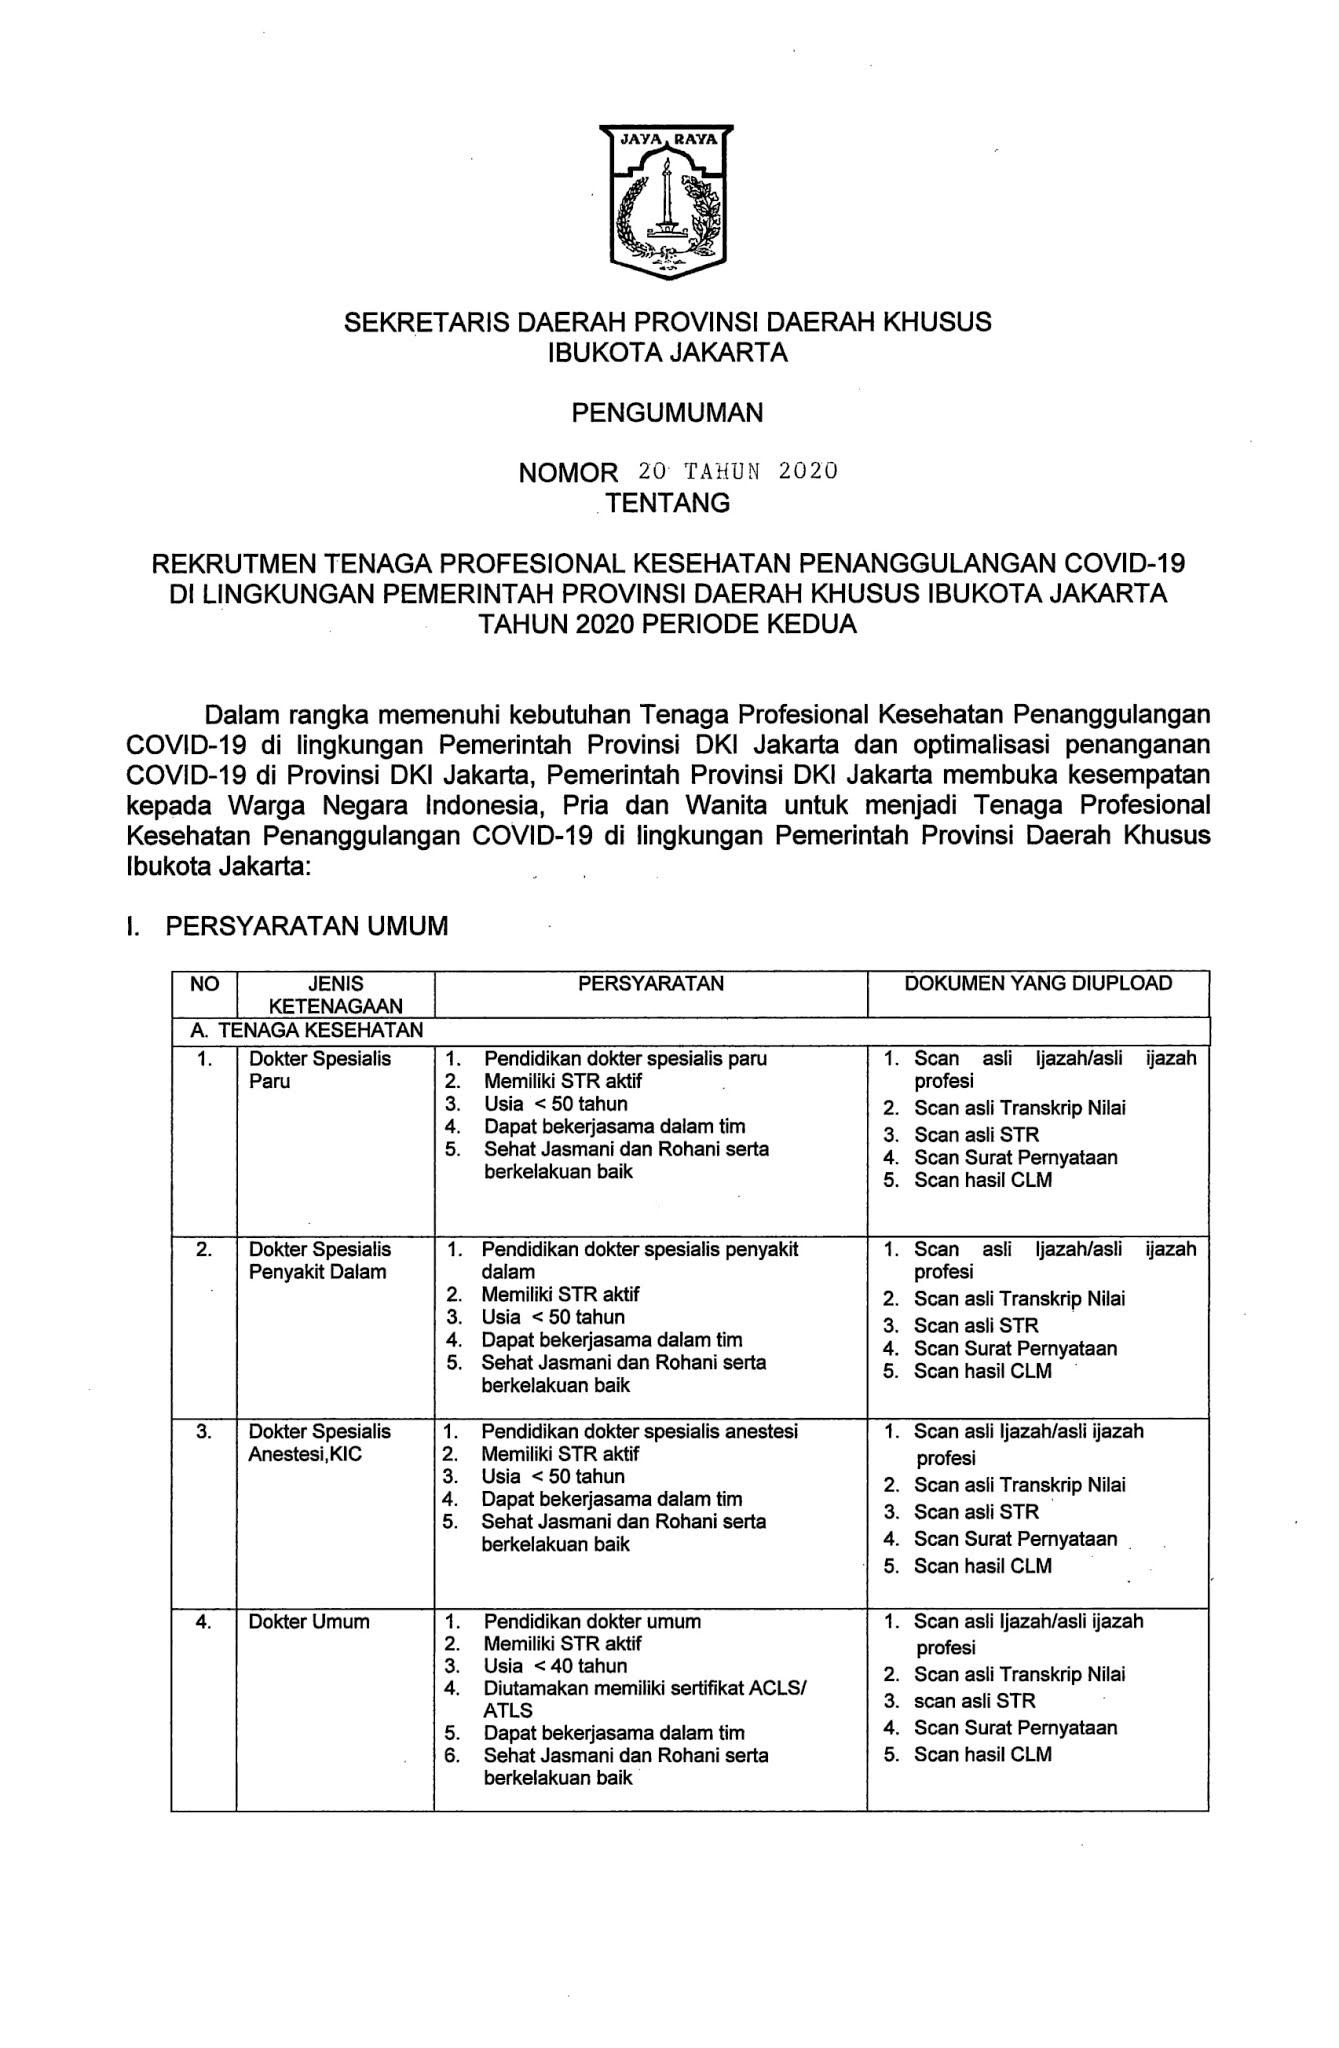 Lowongan Kerja Tenaga Kesehatan Pemprov DKI Jakarta Periode Kedua September 2020